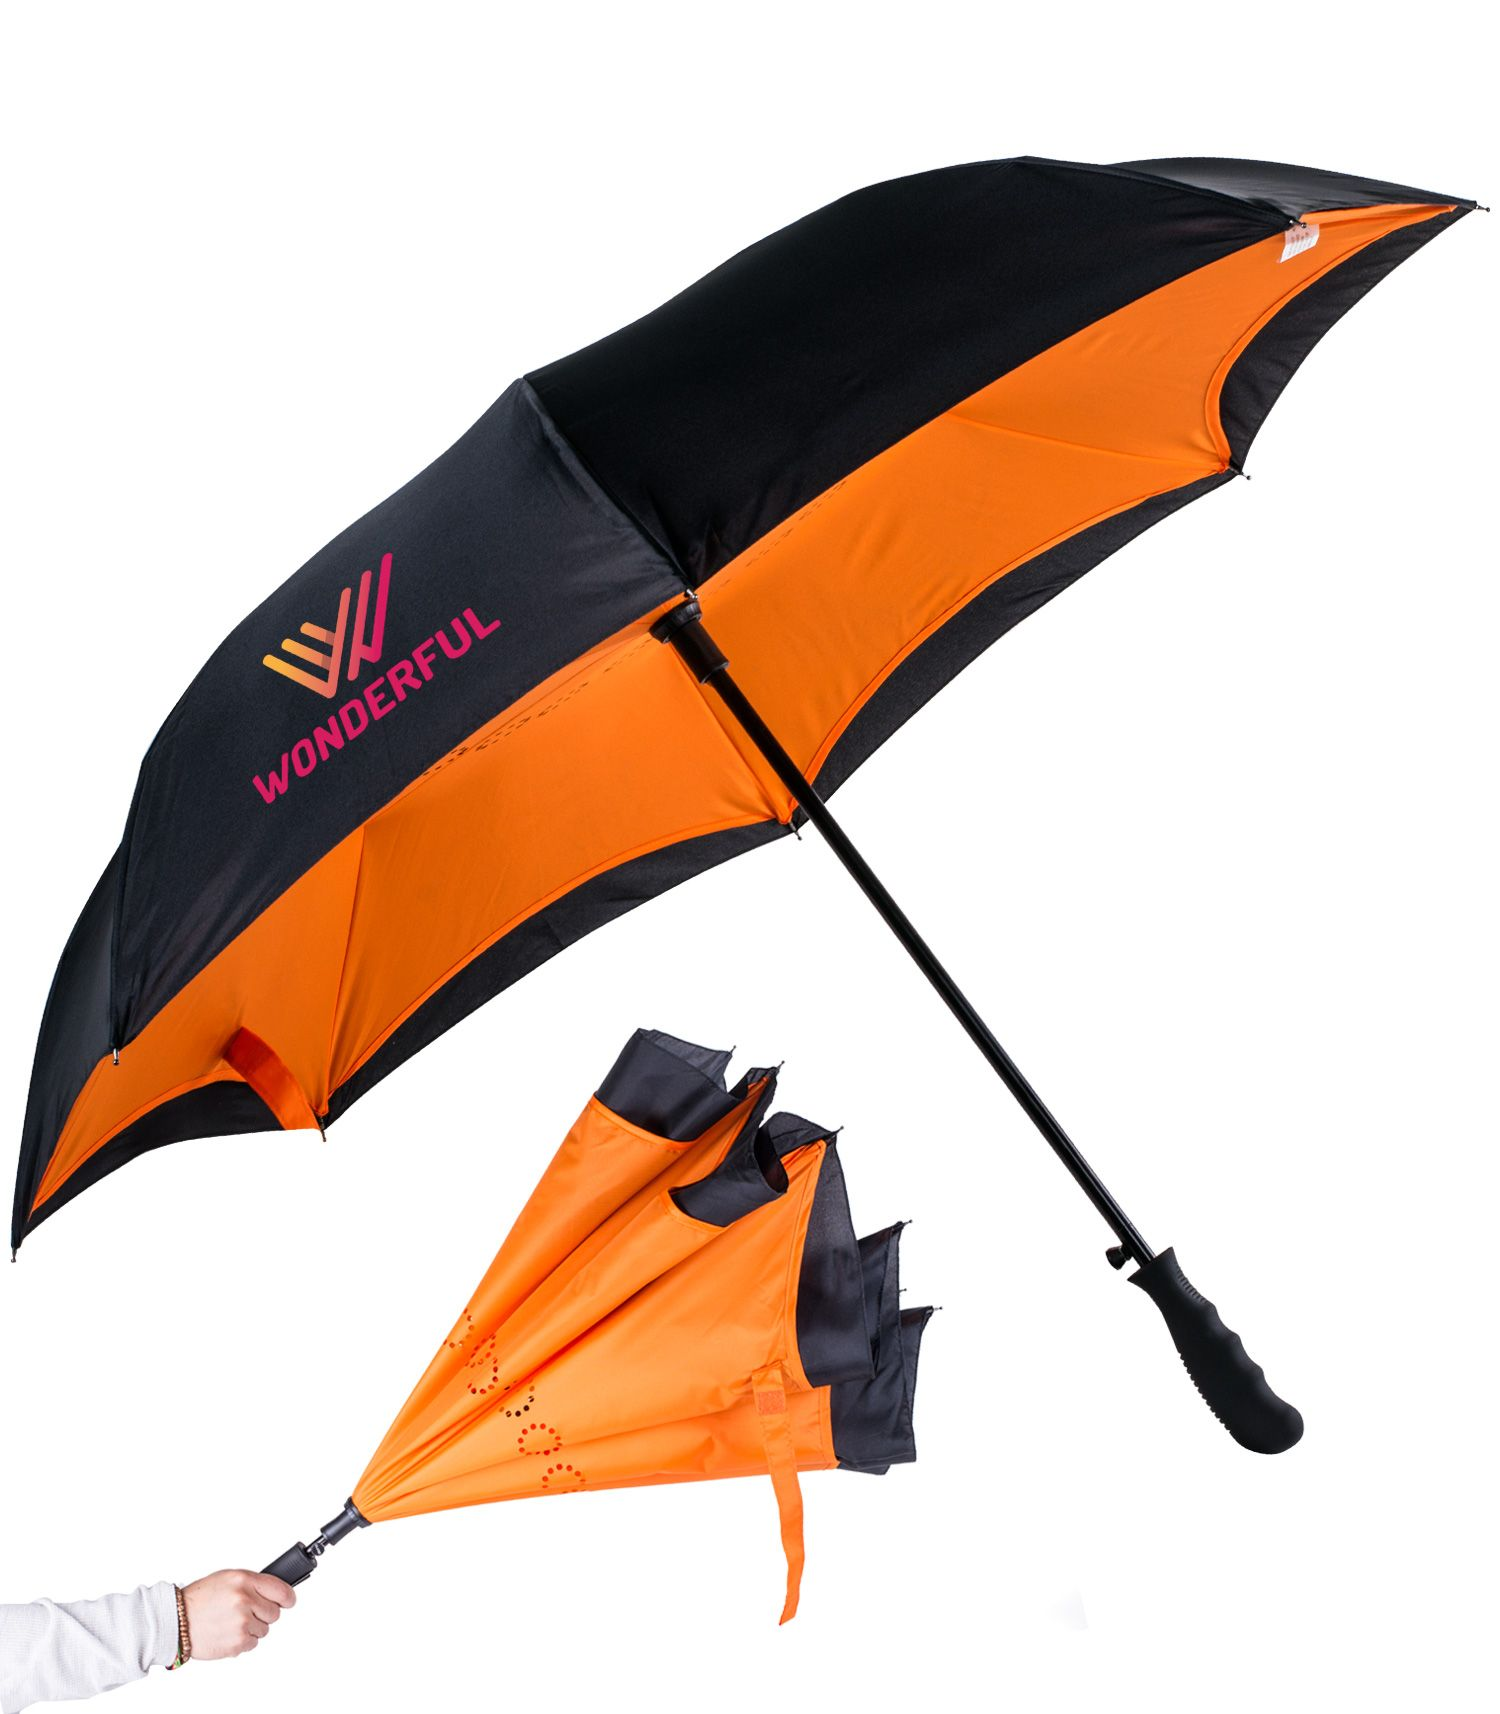 The Rebel Umbrella